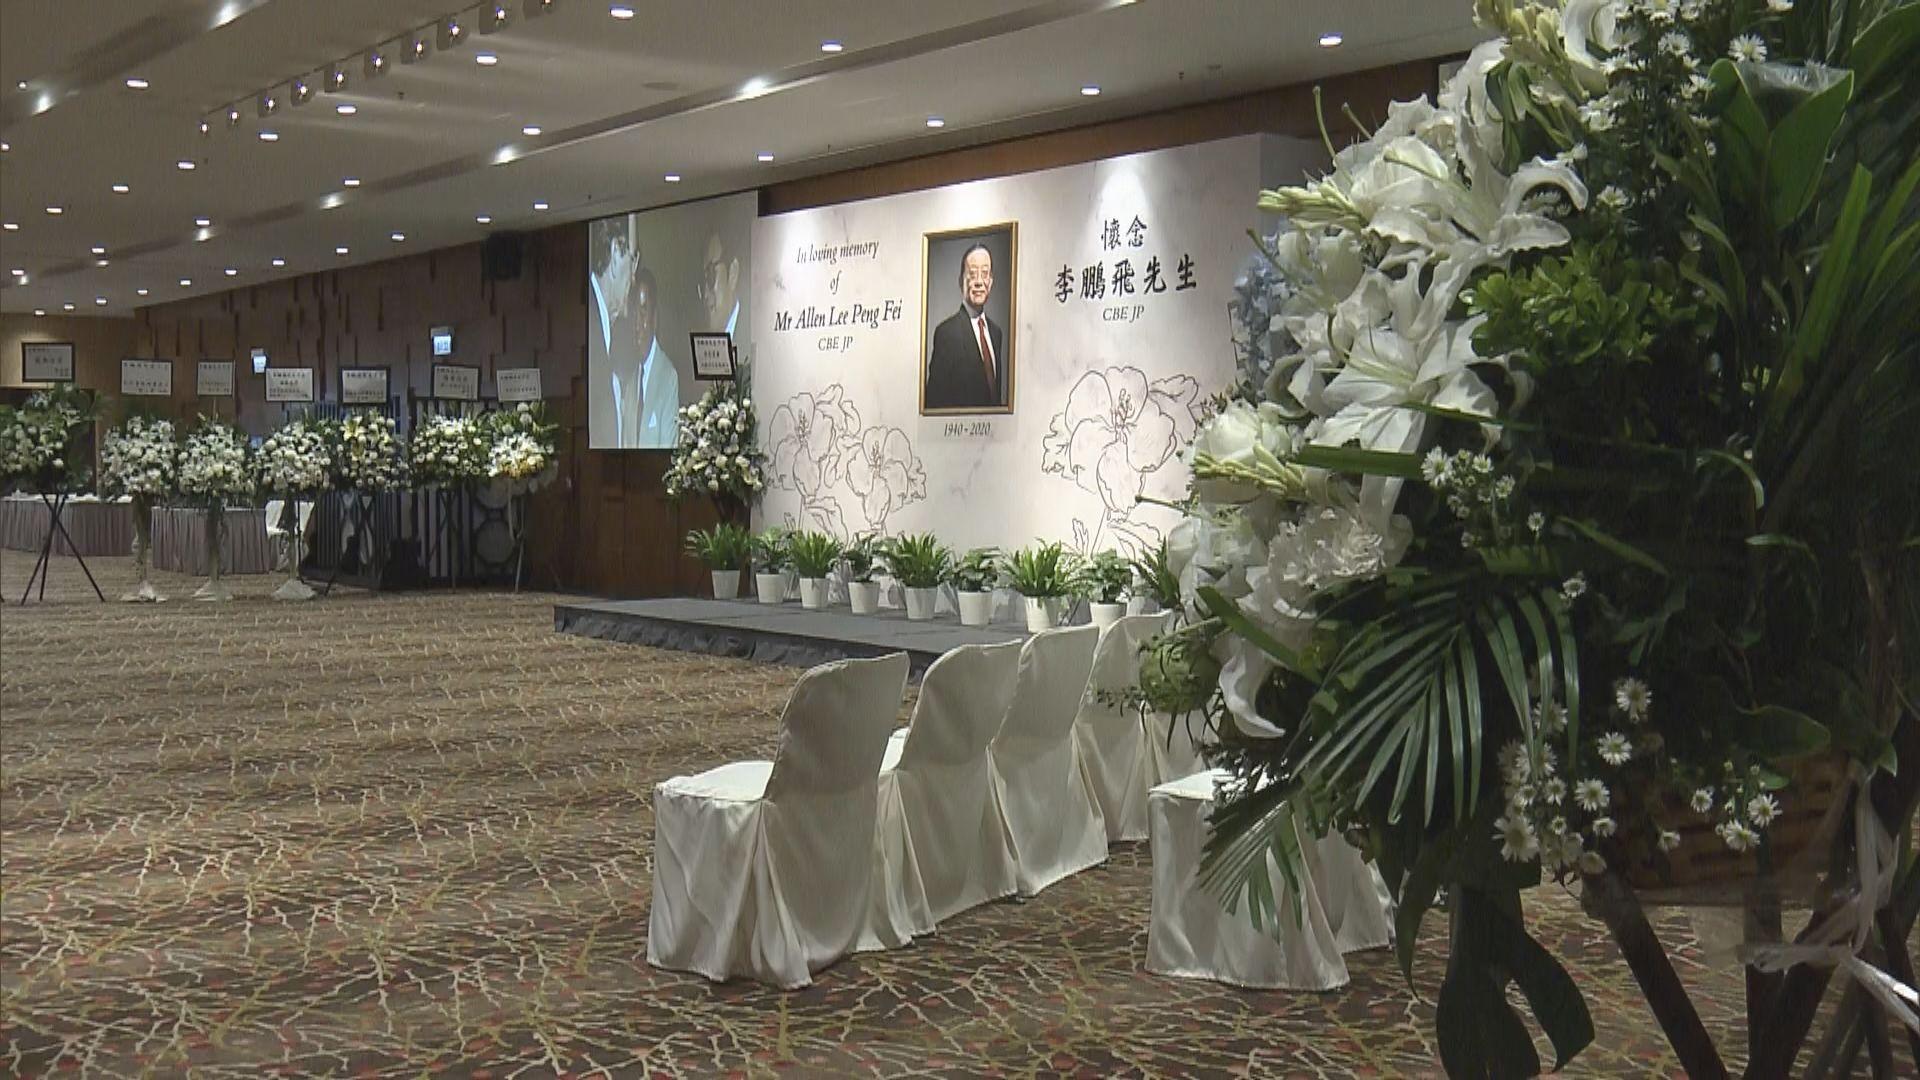 李鵬飛追悼會 家人形容其離世象徵有情義有品格的政治年代完結